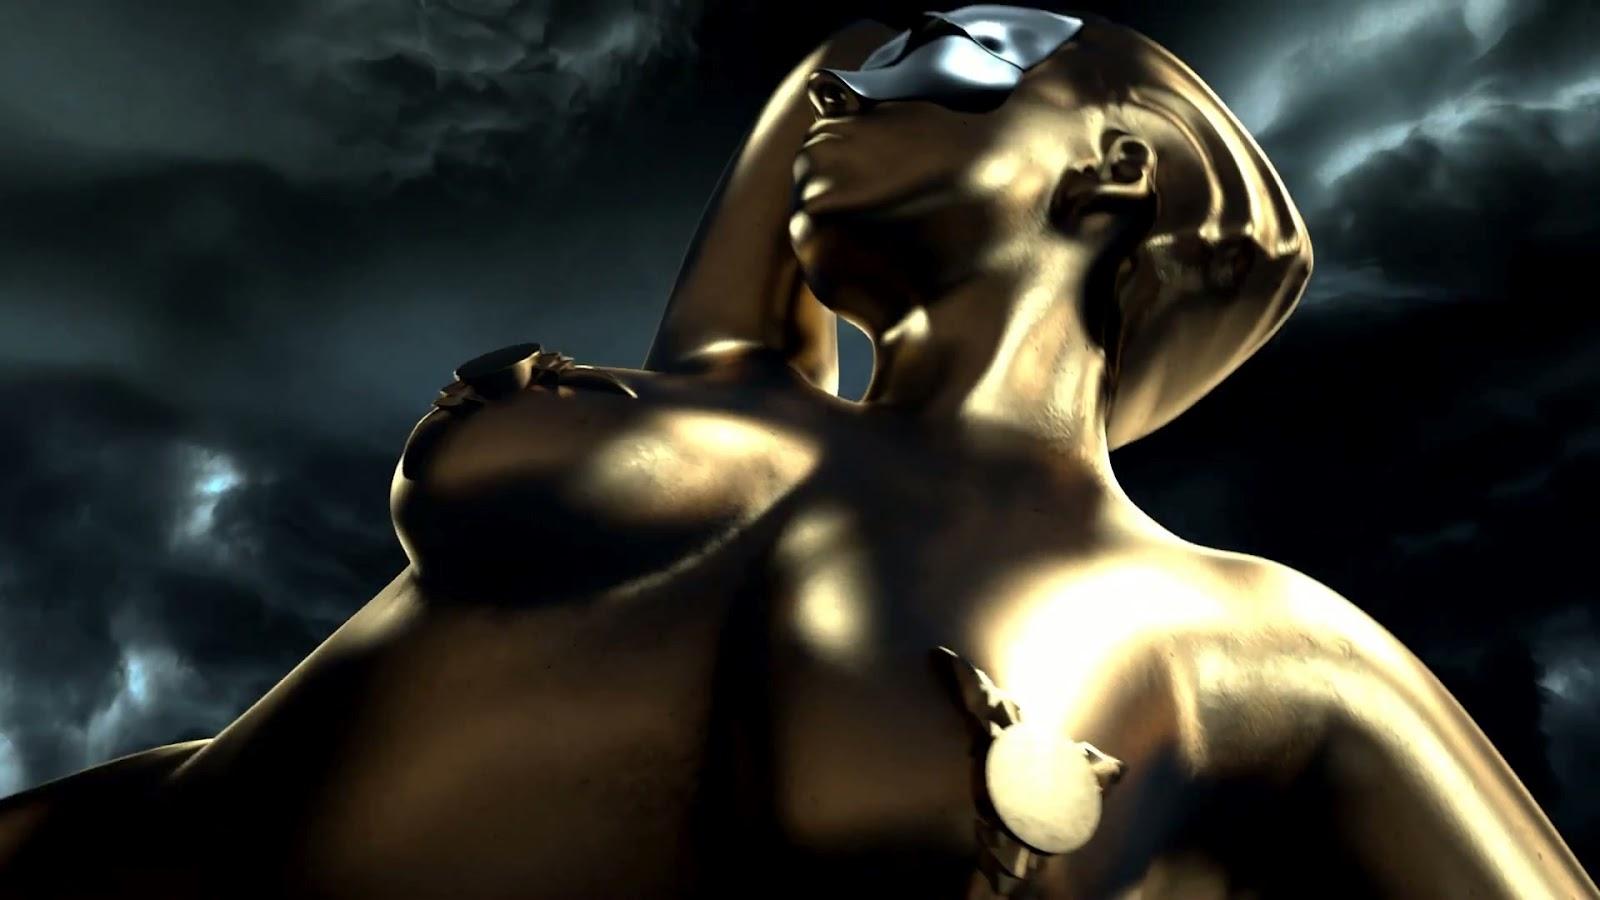 http://3.bp.blogspot.com/--Xuaovuew2c/UFObY14CkxI/AAAAAAAA4TY/JkpE2zWCSrs/s1600/LadyGagareleasesnewtrailersforFAME_LadyGagaFAMEfragrance_GAGA_LADYGAGA_FAME_GagaLatestNews_LadyGagasnewperfumeAD_GAGAFAMEUS.jpg